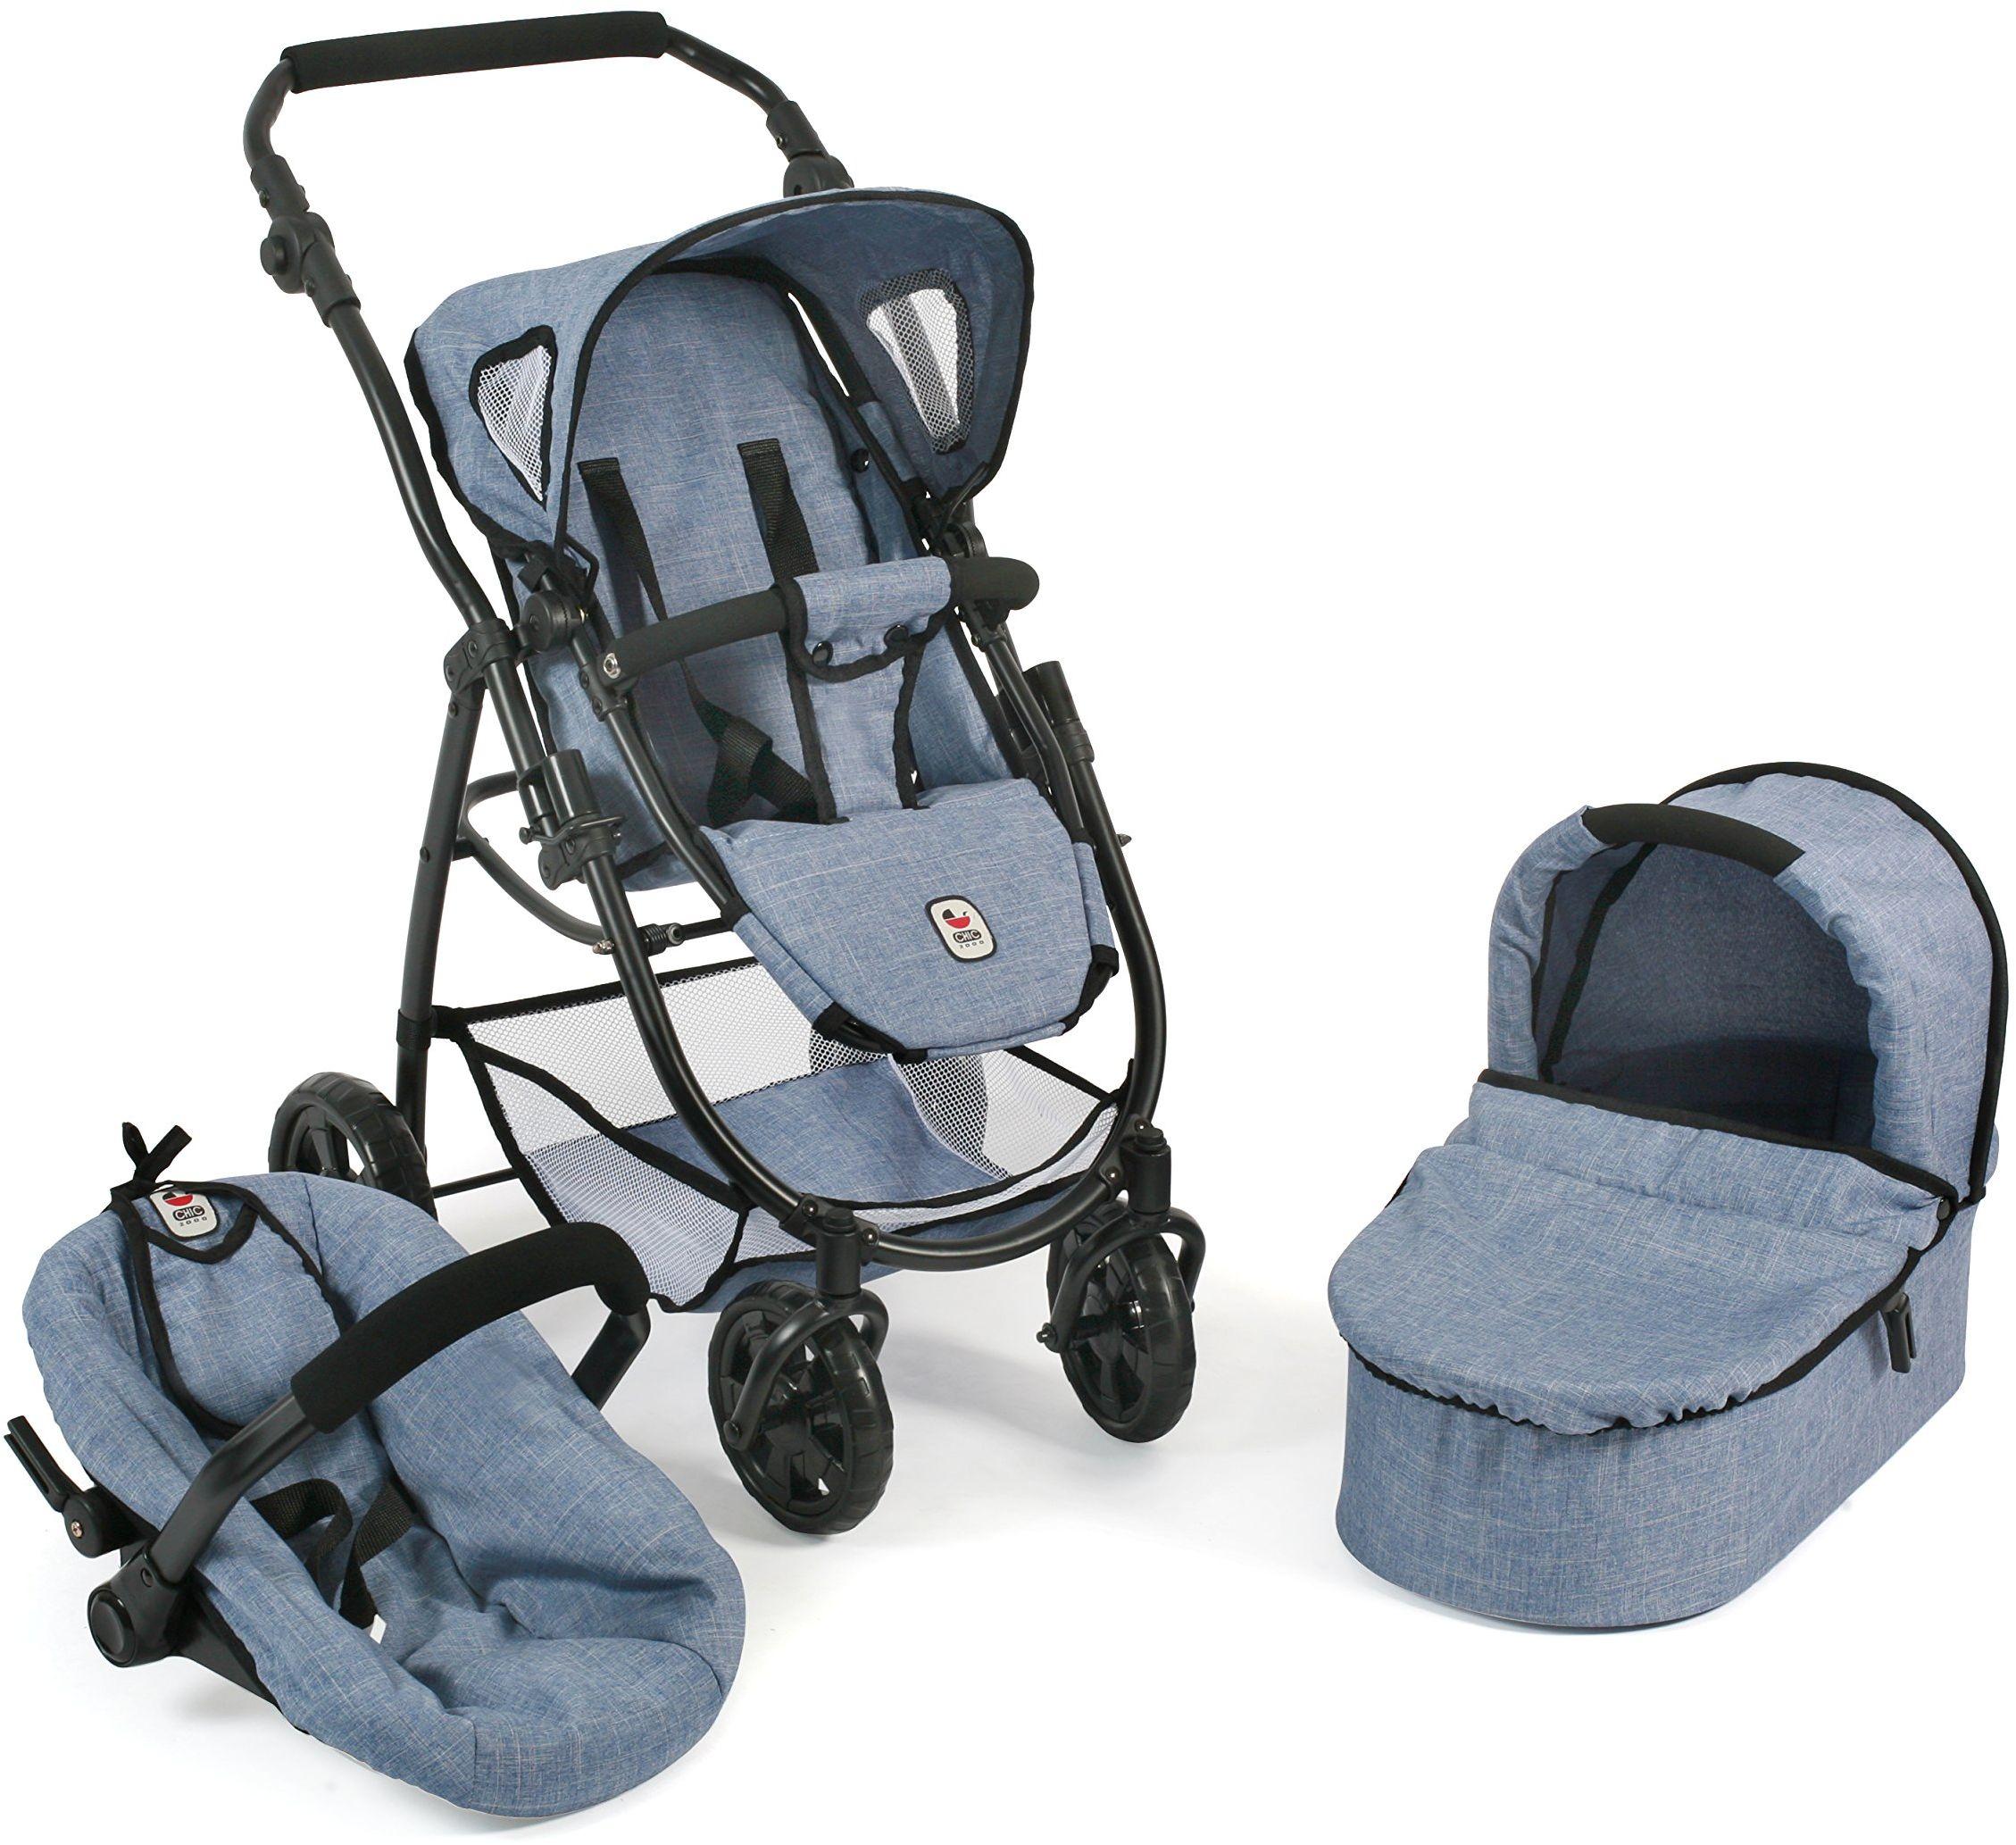 Bayer Chic 2000 637 wózek dla lalek, wielokolorowy